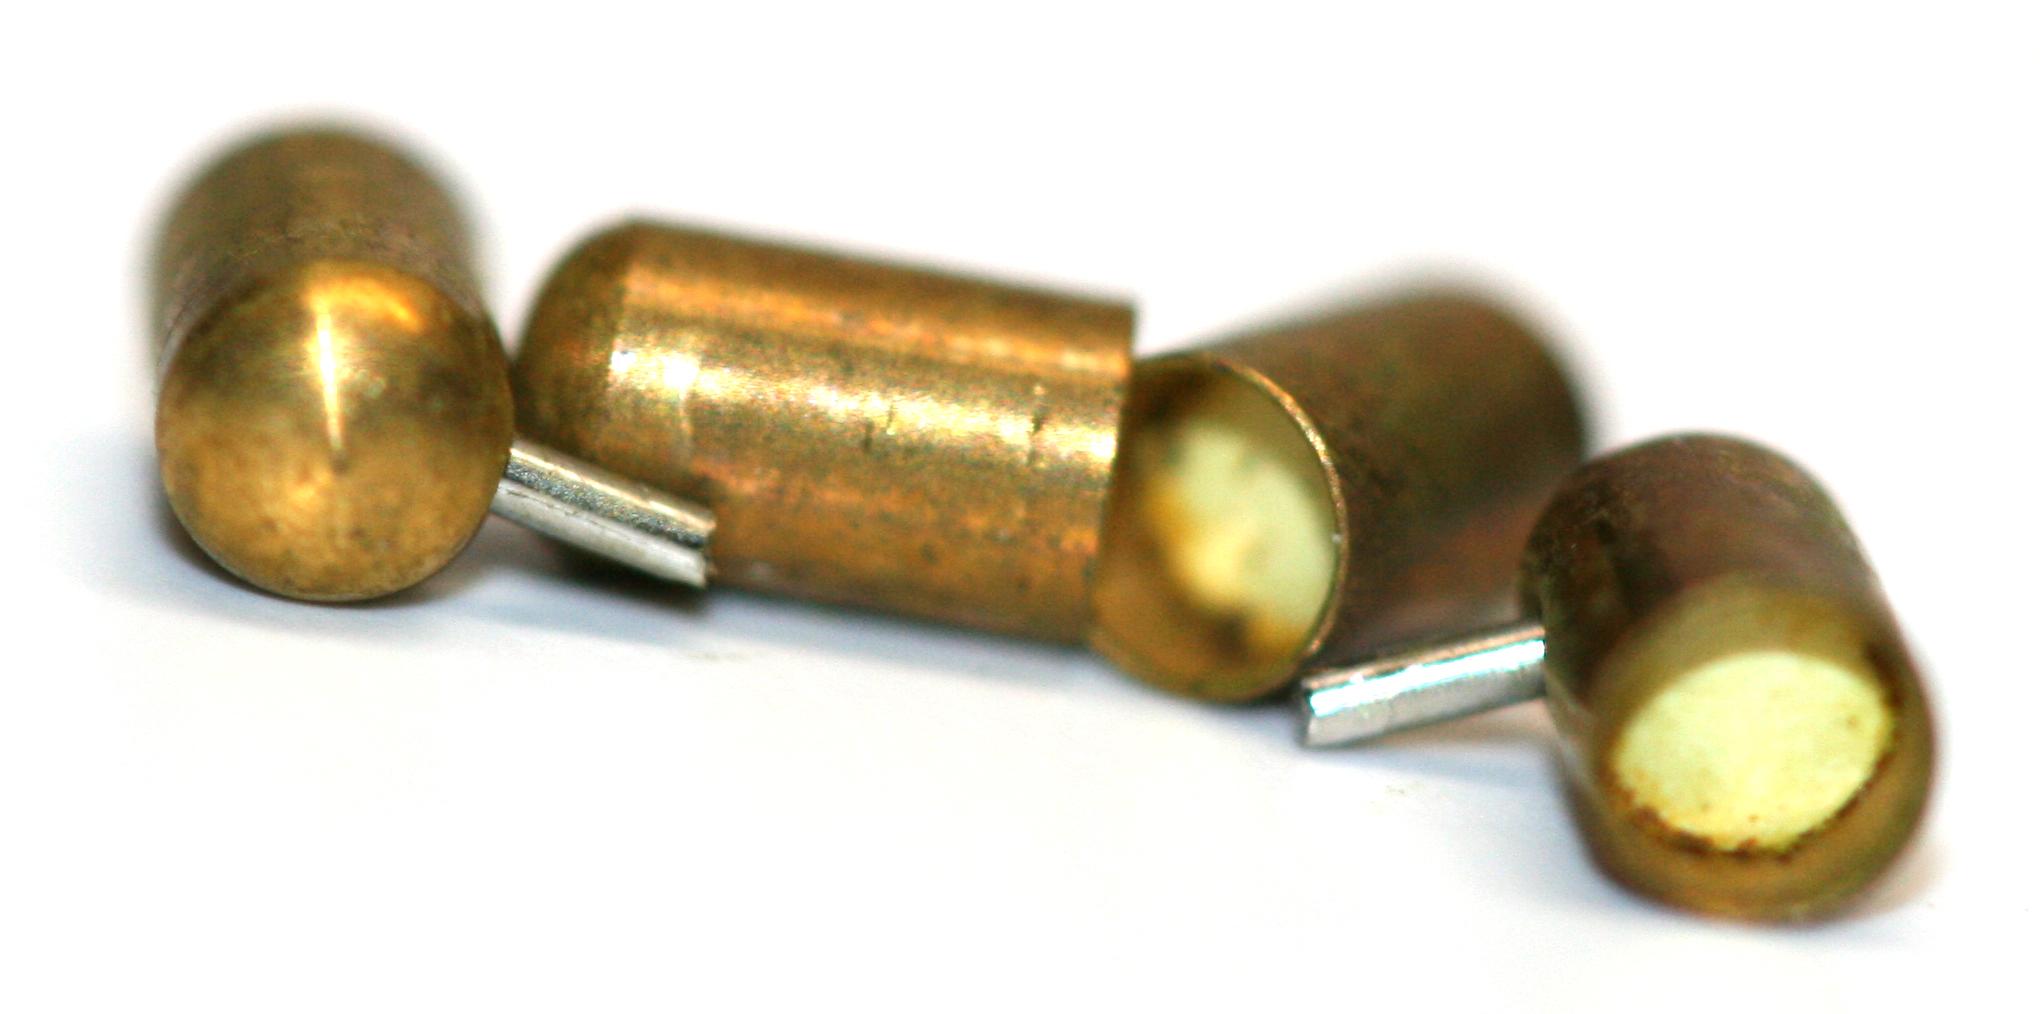 Lefaucheux Pinfire Cartridges for Sale!